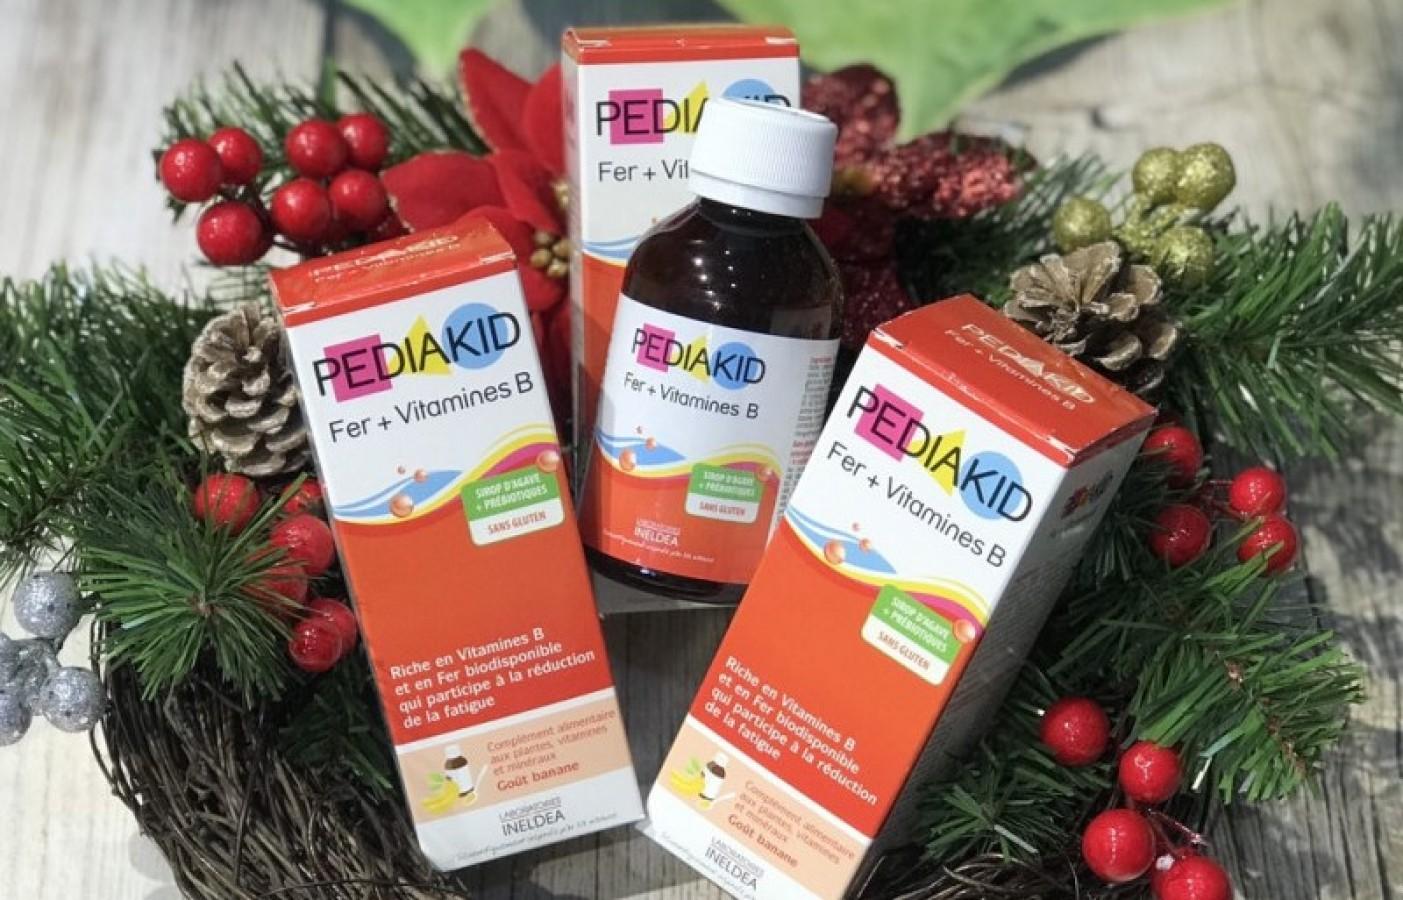 Siro Pediakid Fer + Vitamines B Cho Trẻ Từ 6 Tháng Tuổi